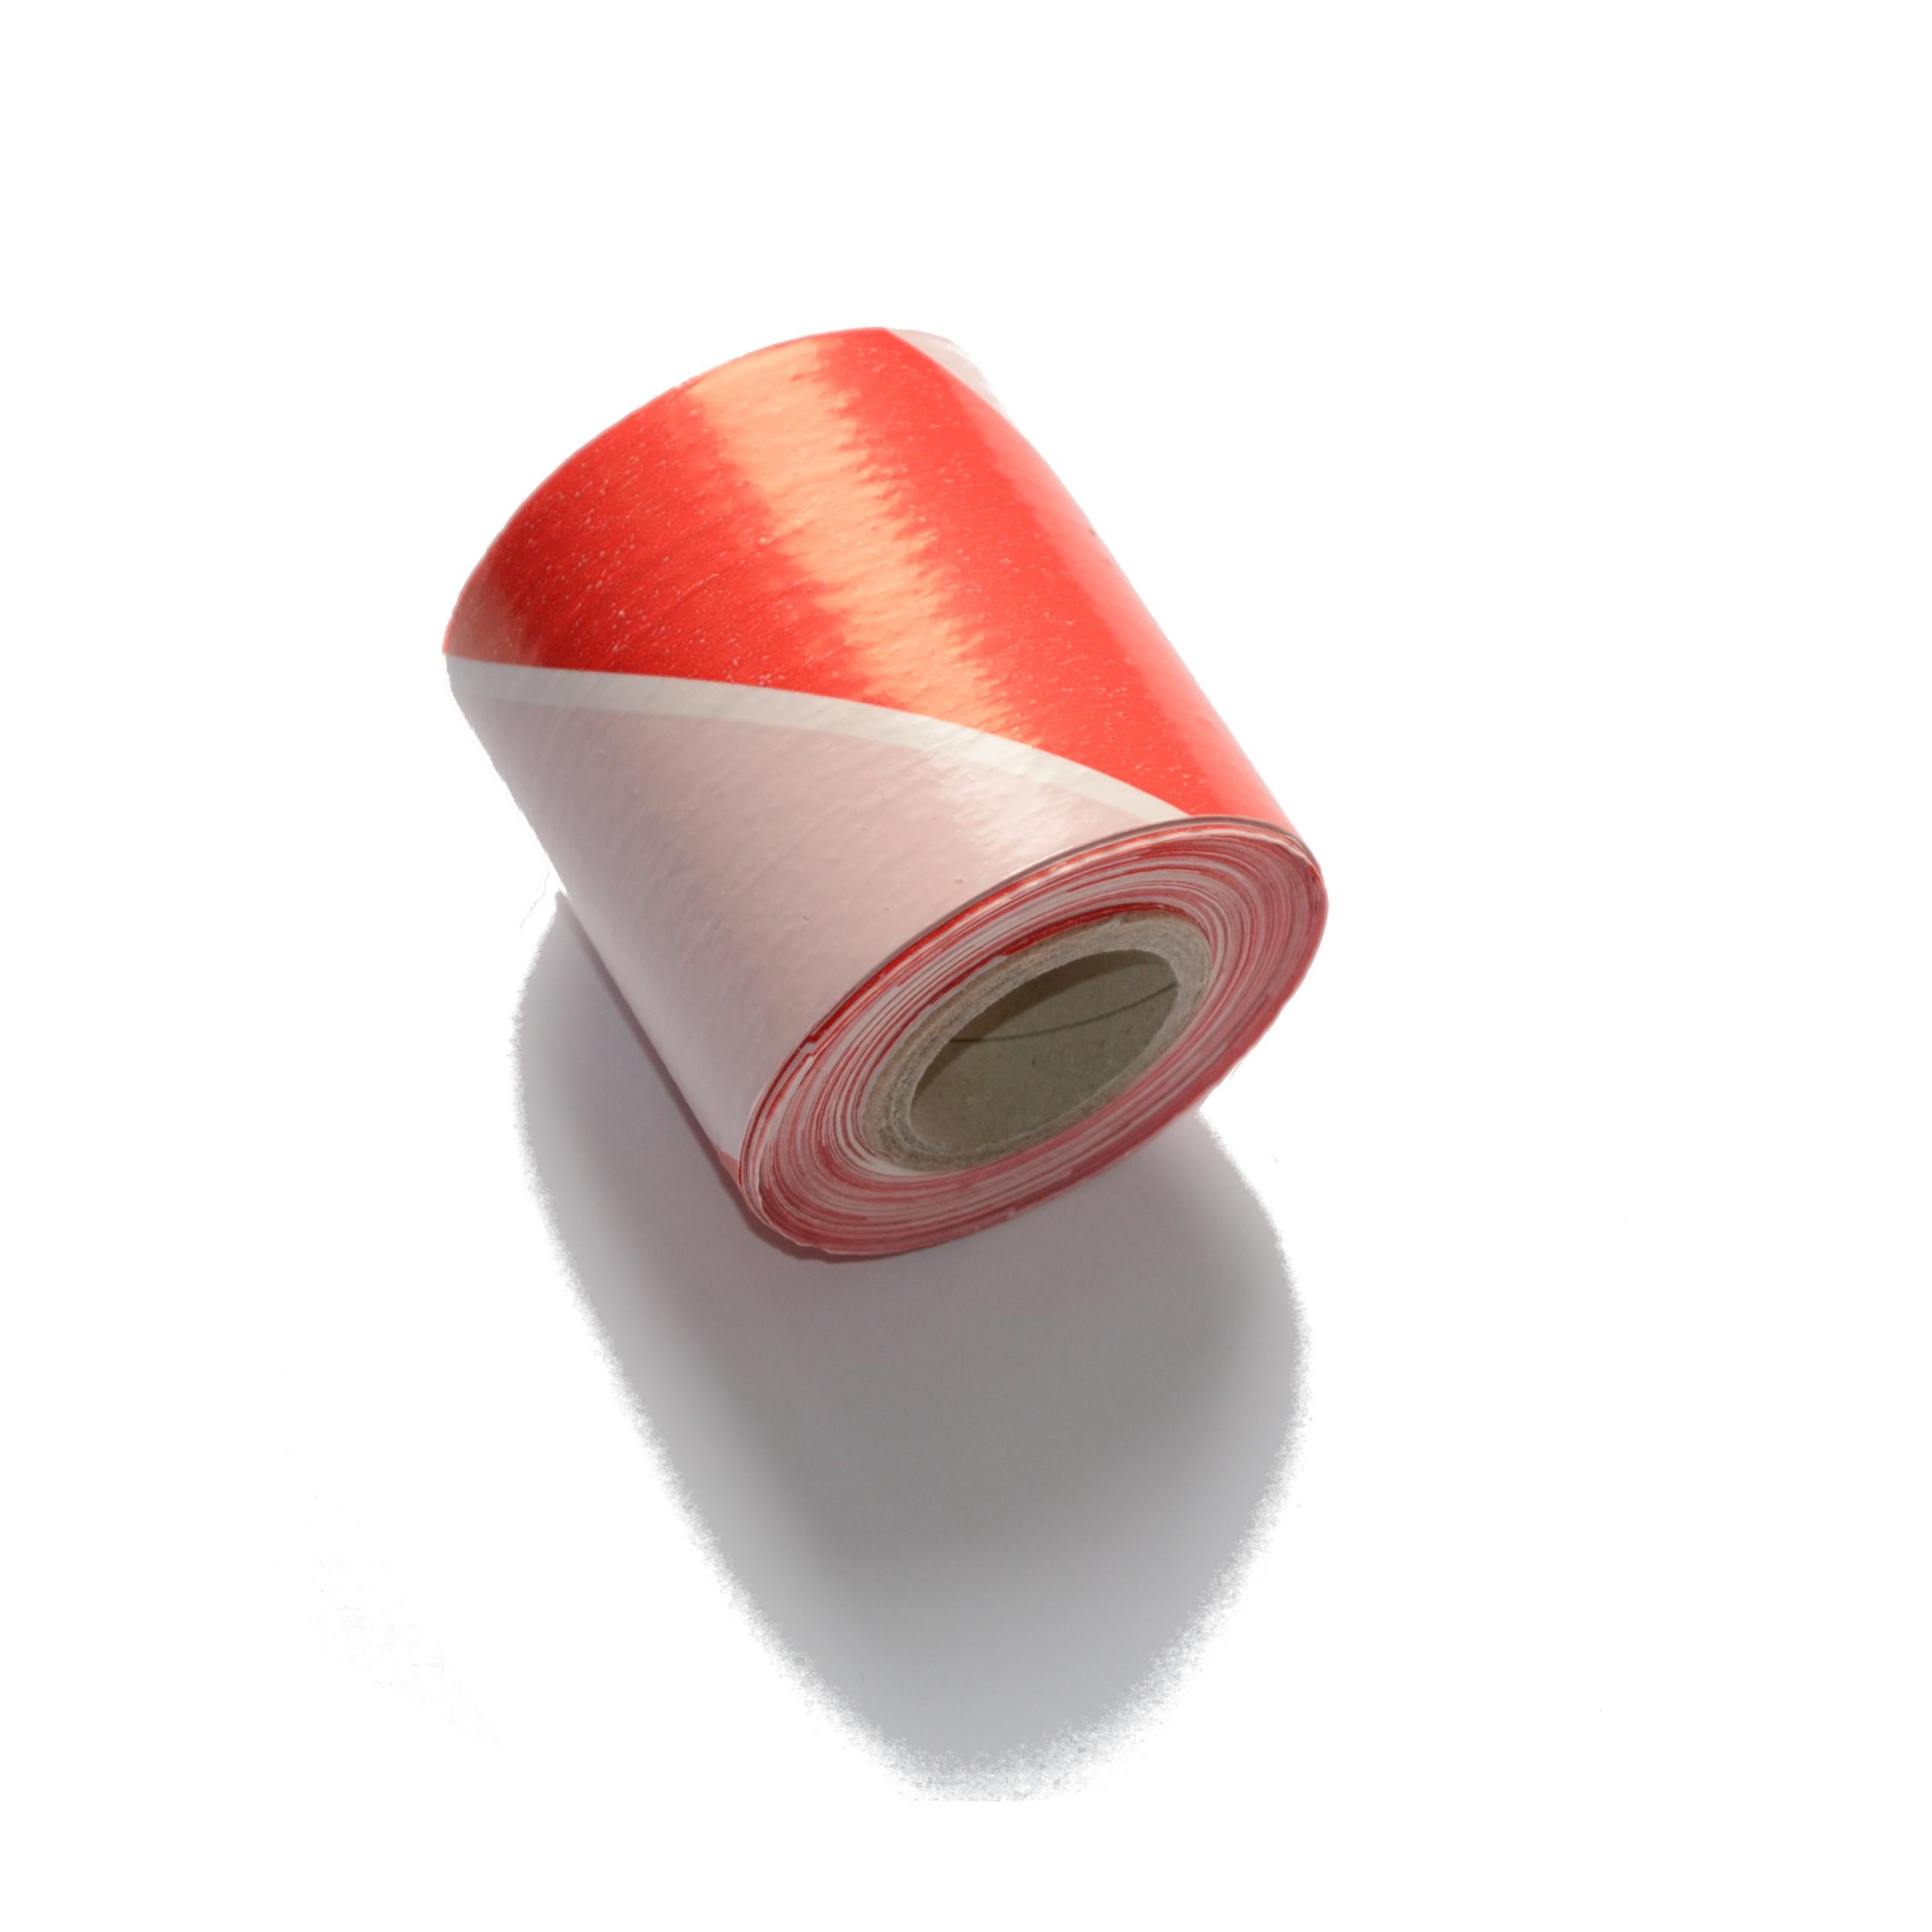 Taśma ostrzegawcza biało czerwona szeroka 8cm/100m